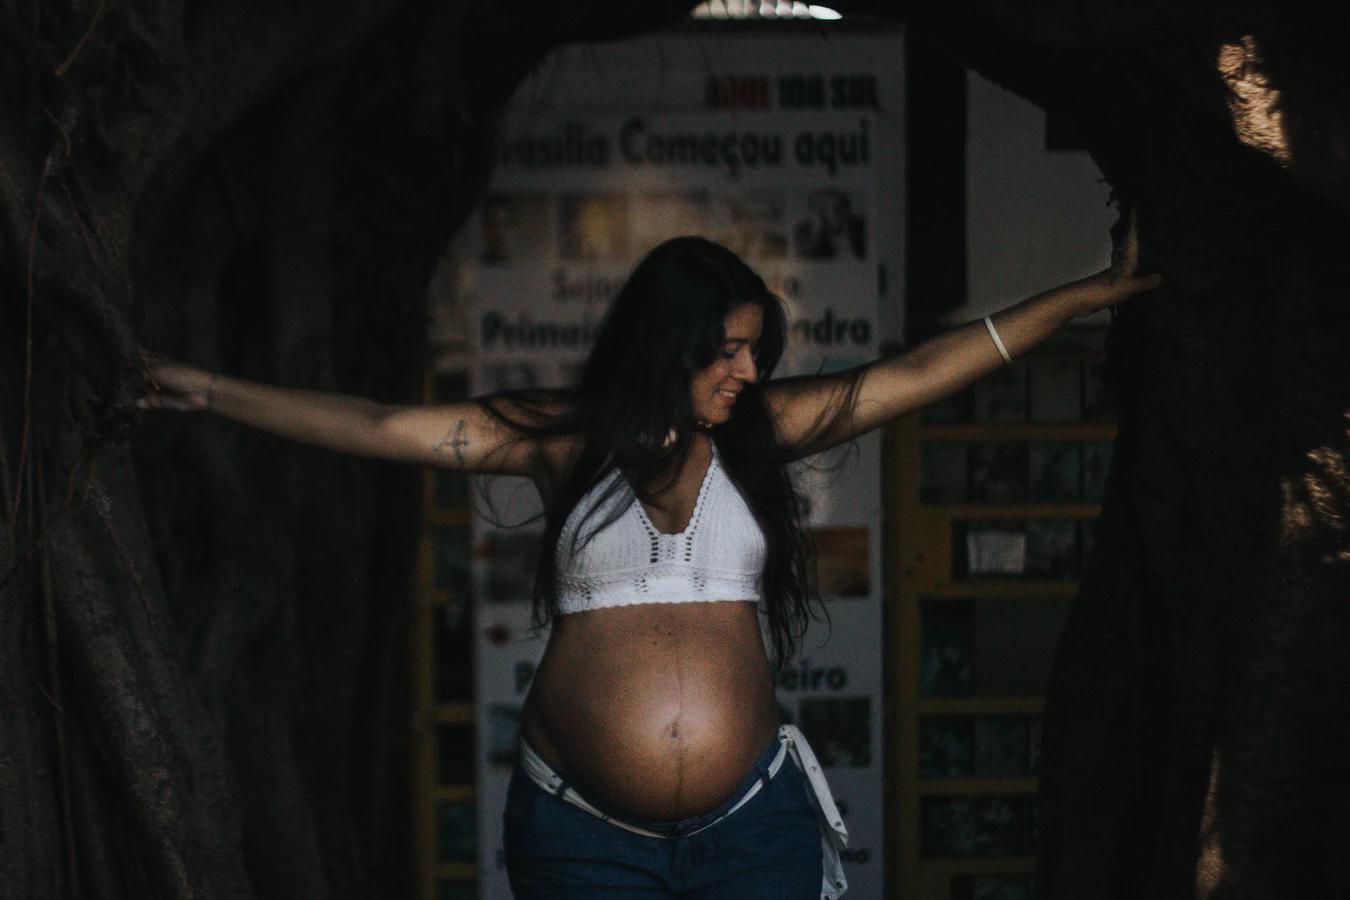 身障孕婦的圖像一般人難以想像,但克莉絲想藉由拍攝自己的孕婦照,帶給身障母親們更多力量與自信。